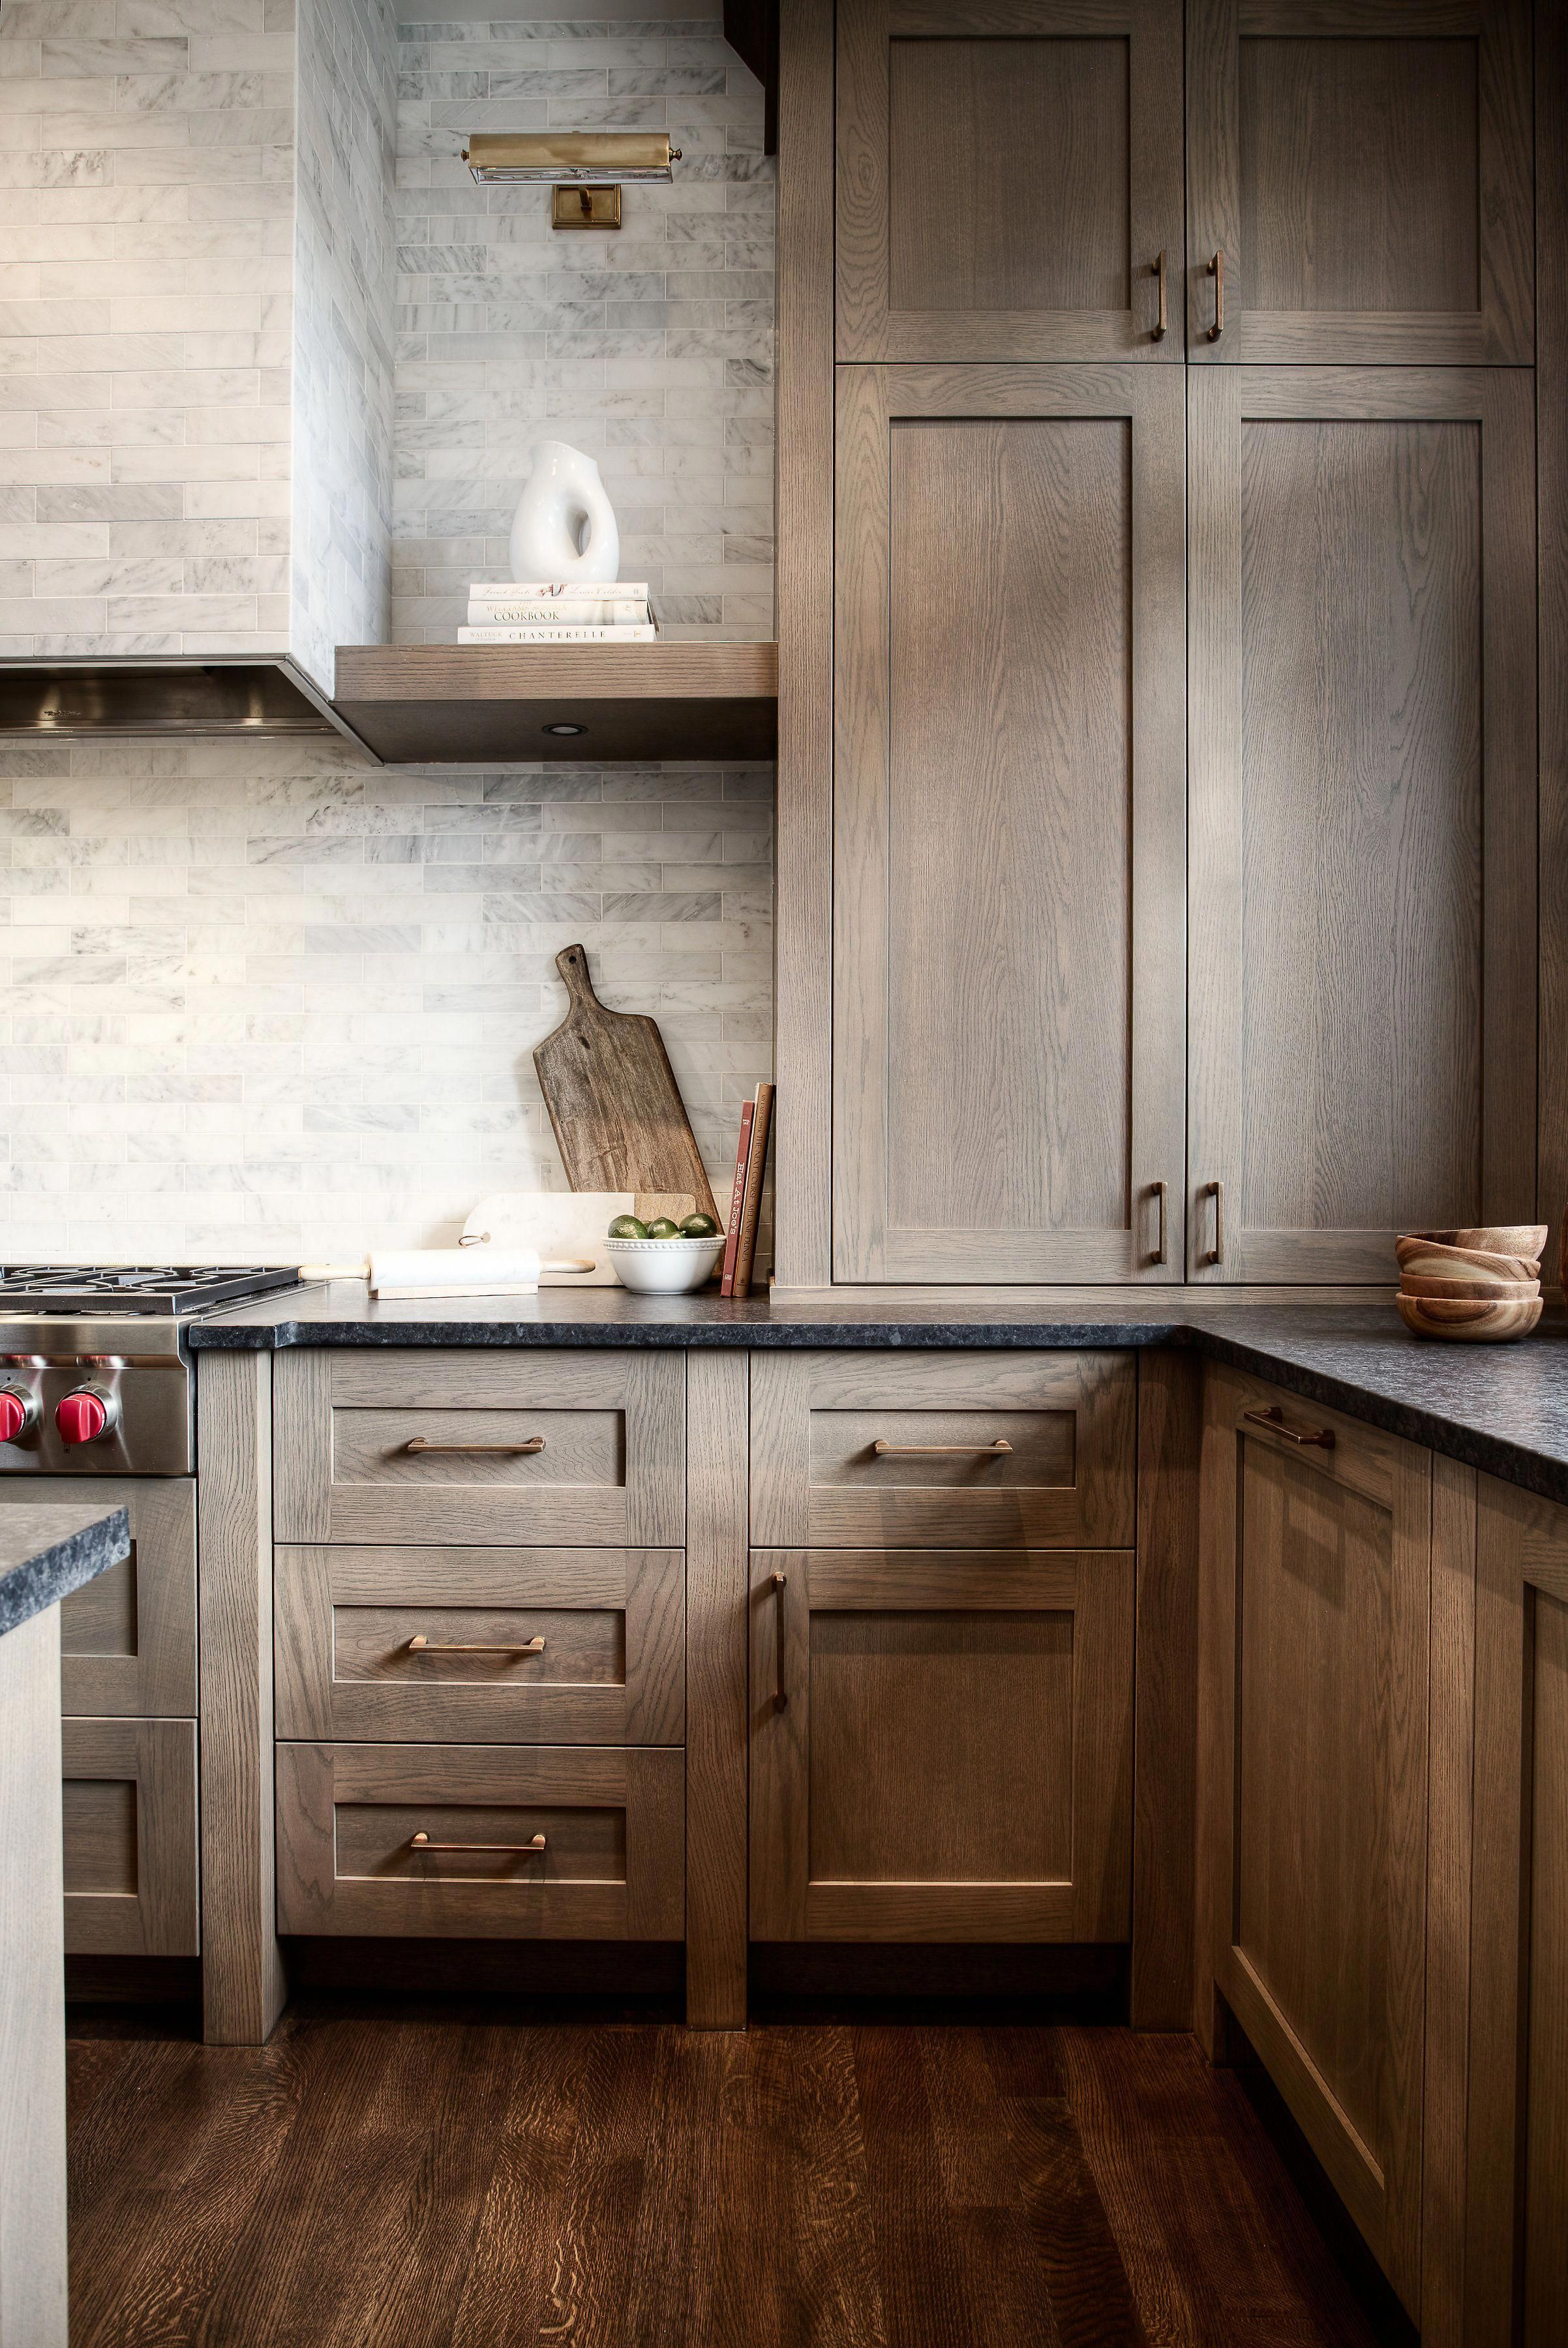 Elboya custom kitchen by veranda estate homes inc white kitchen